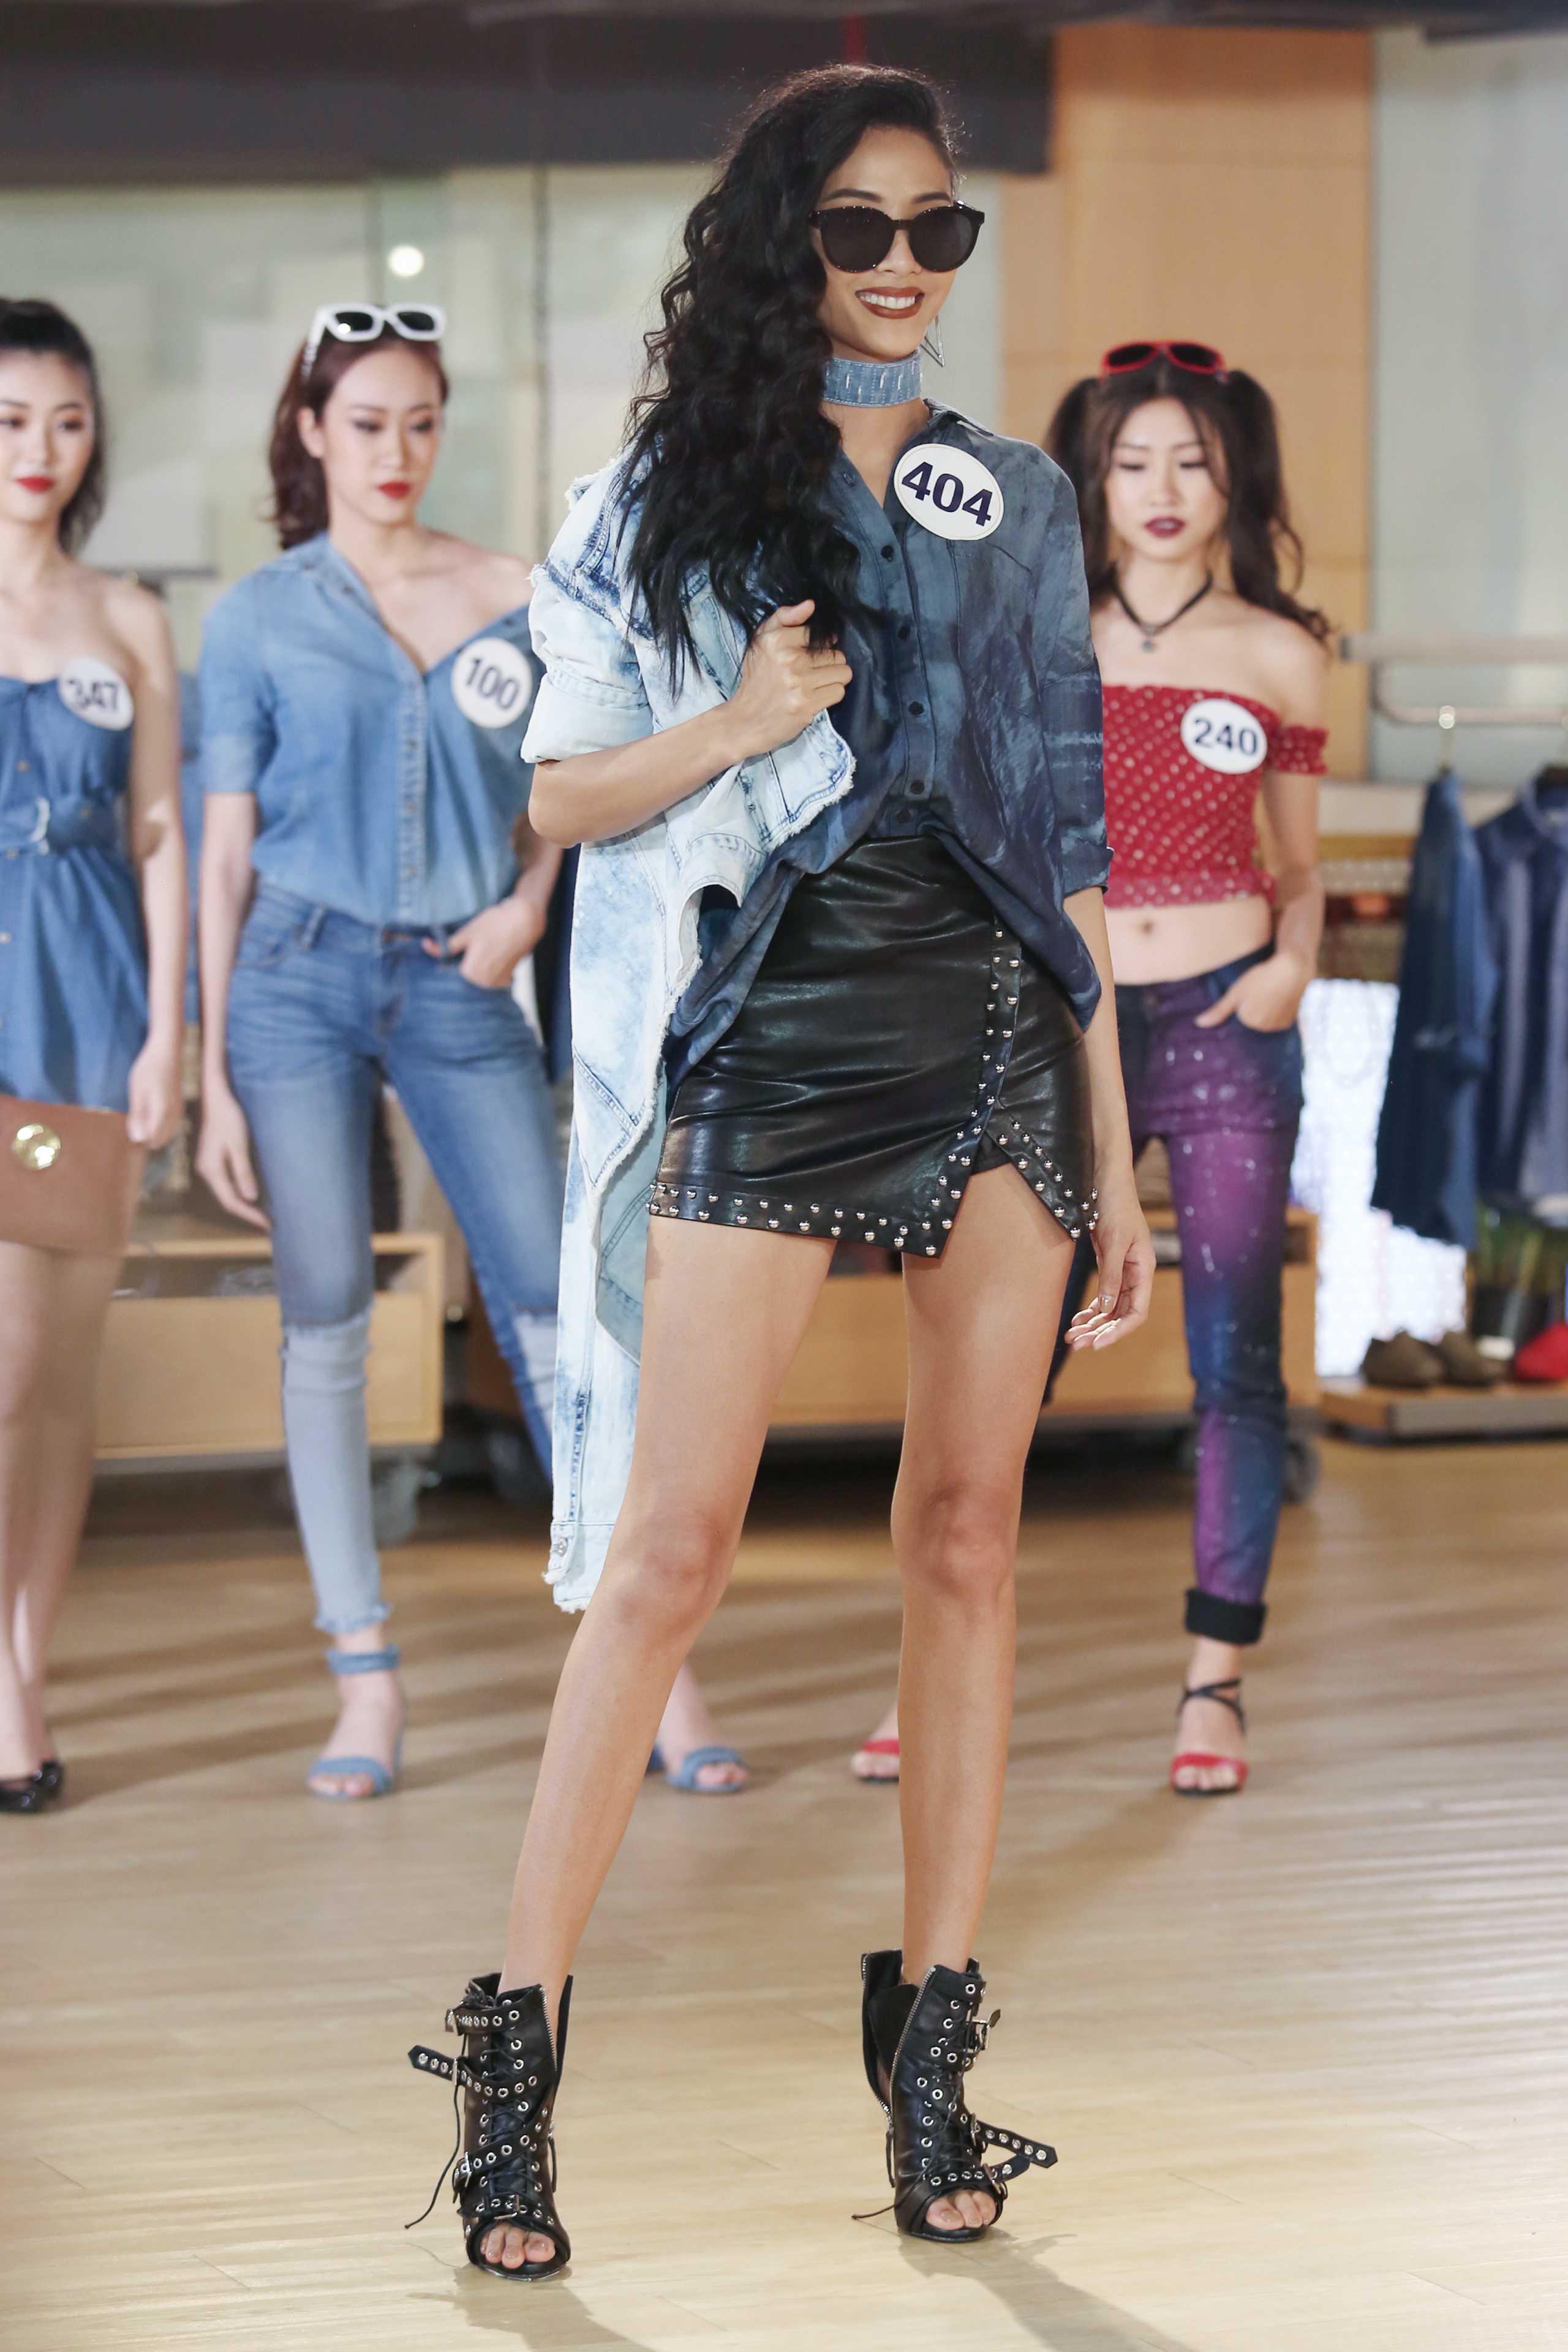 Mix đồ tai nạn thế này thì bảo sao cả dàn thí sinh Hoa hậu Hoàn vũ thua Mâu Thủy - Hoàng Thùy - Ảnh 1.